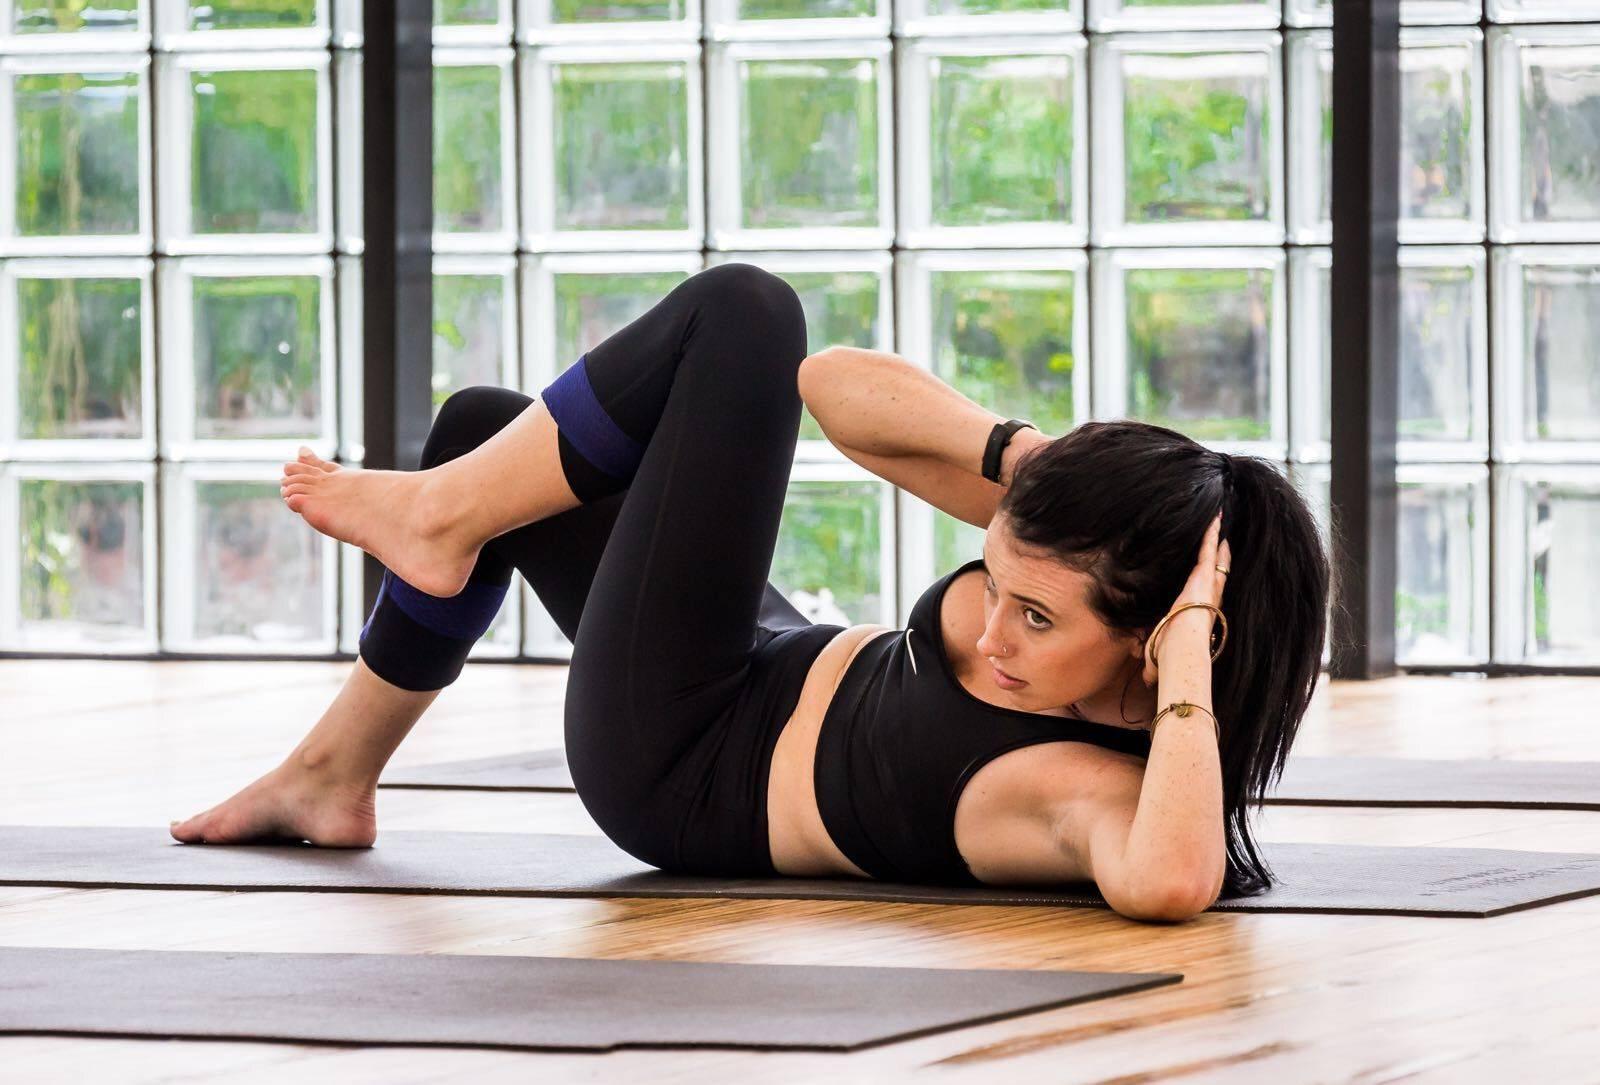 Преимущества и недостатки горячей йоги